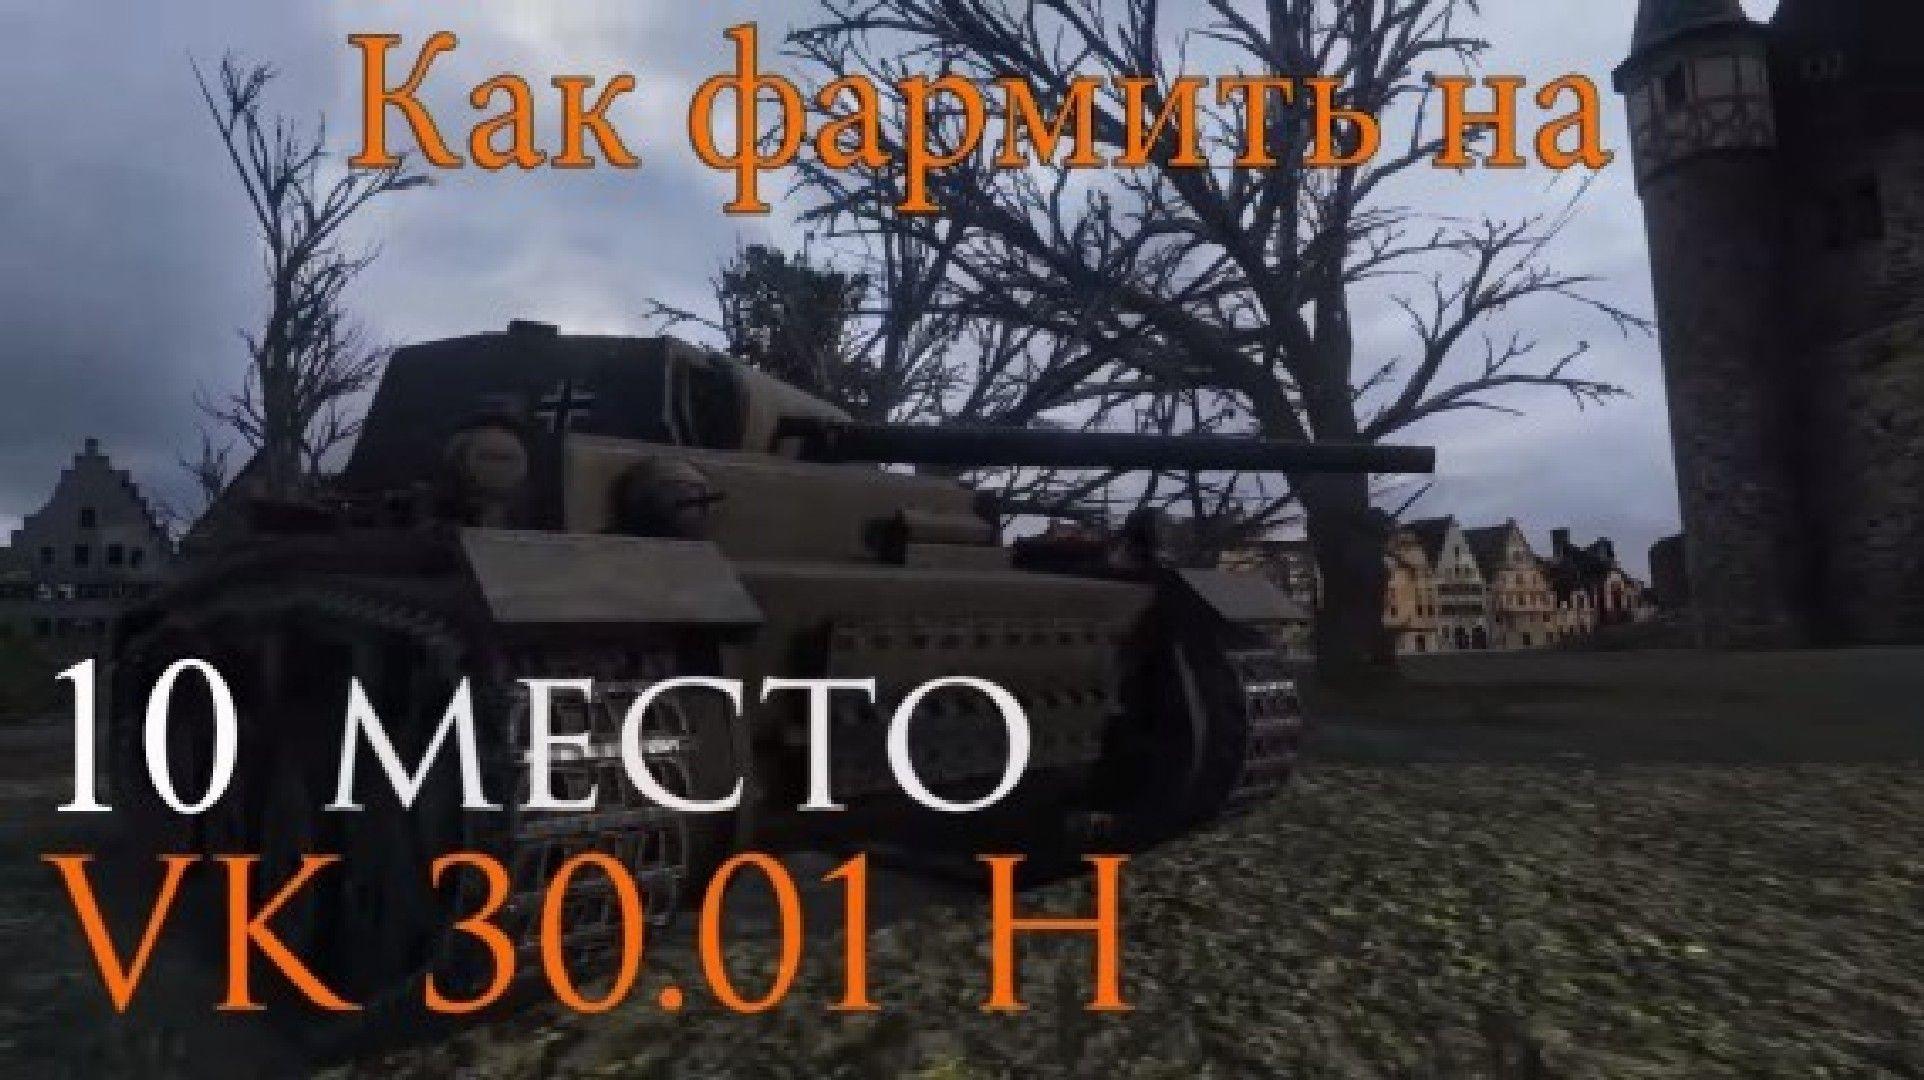 Как фармить на VK 30.01 H